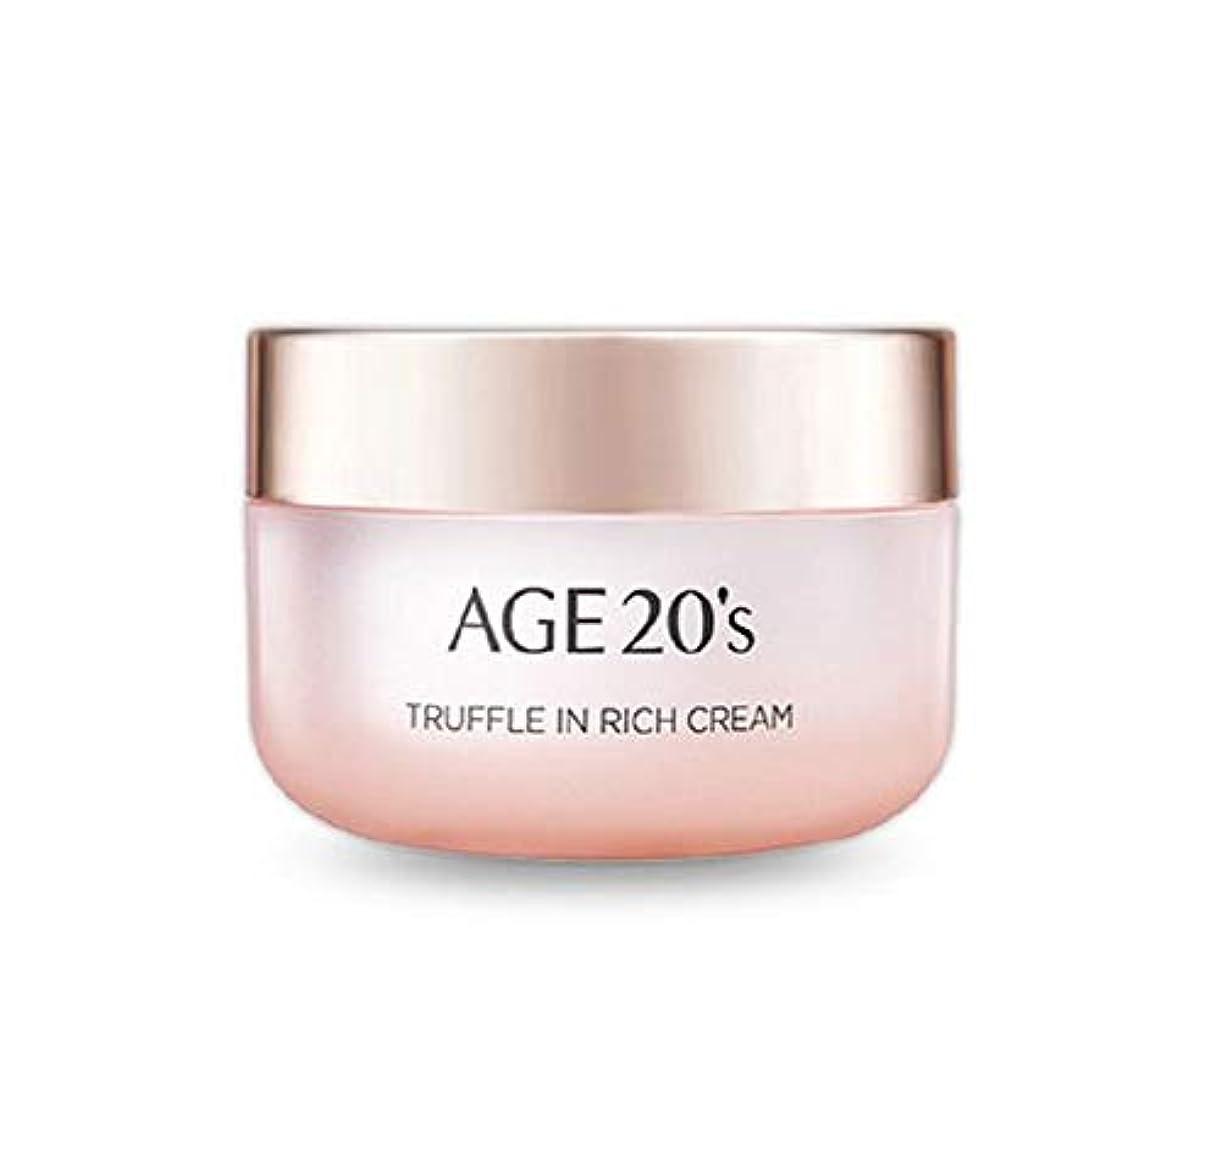 祖父母を訪問作詞家イノセンスエイジトゥエンティスAge20's 韓国コスメ トリュフリッチ クリーム 50g 海外直送品 Truffle in rich Cream [並行輸入品]